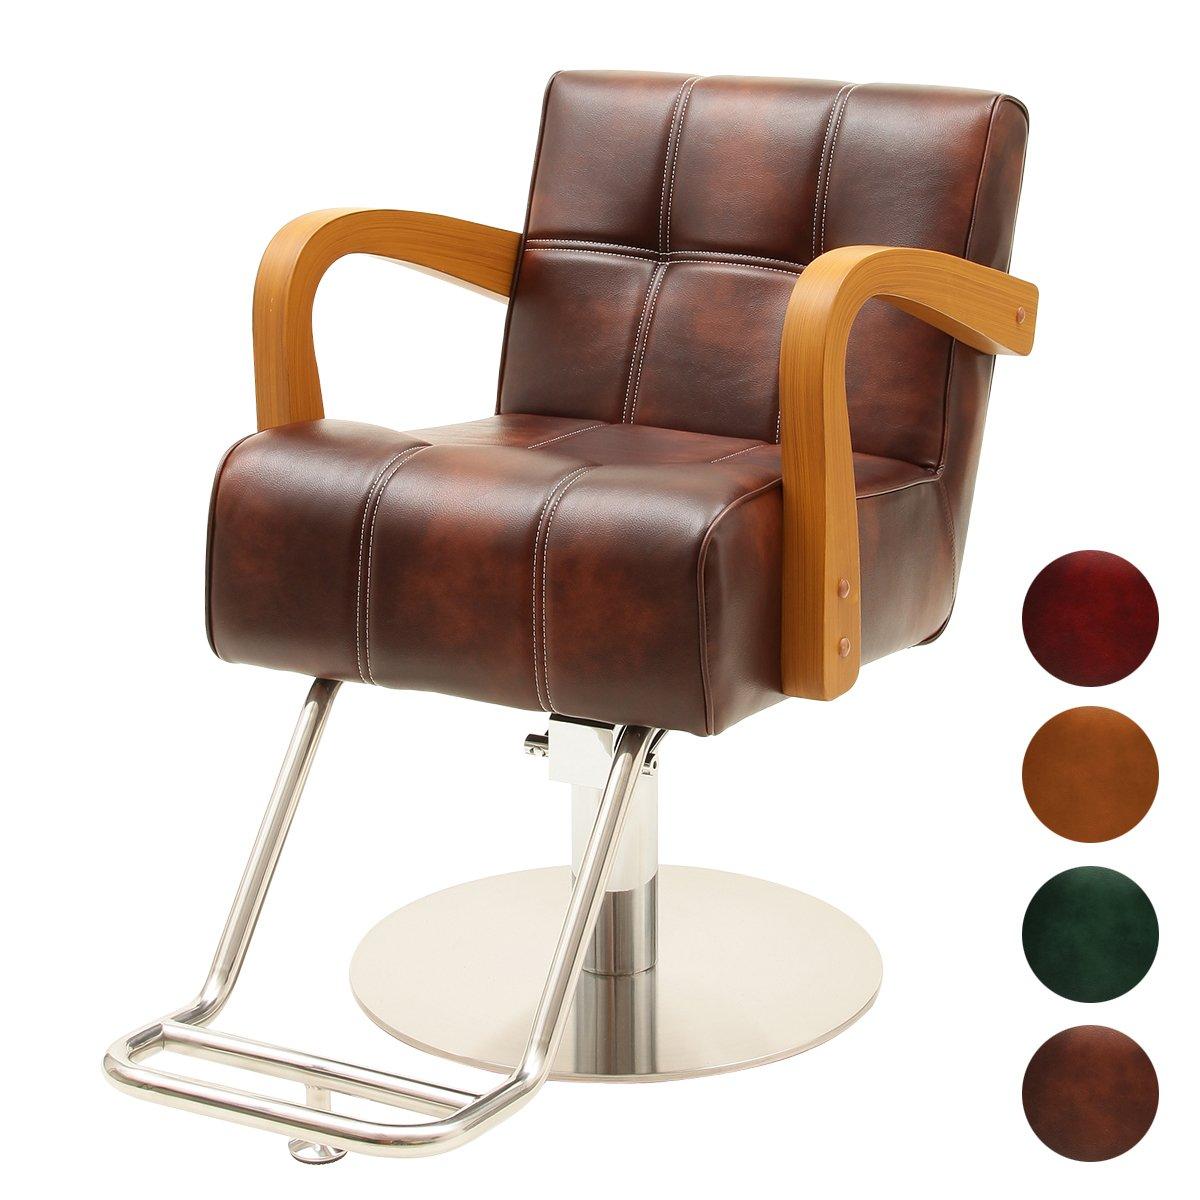 < エトゥベラ > スタイリングチェア ベニス WD-881 アンティークブラウン [ チェア 椅子 イス セットチェア セット椅子 セットイス カットチェア カット椅子 カットイス 美容室椅子 美容室 美容師 ]  アンティークブラウン B00VFVAJUY